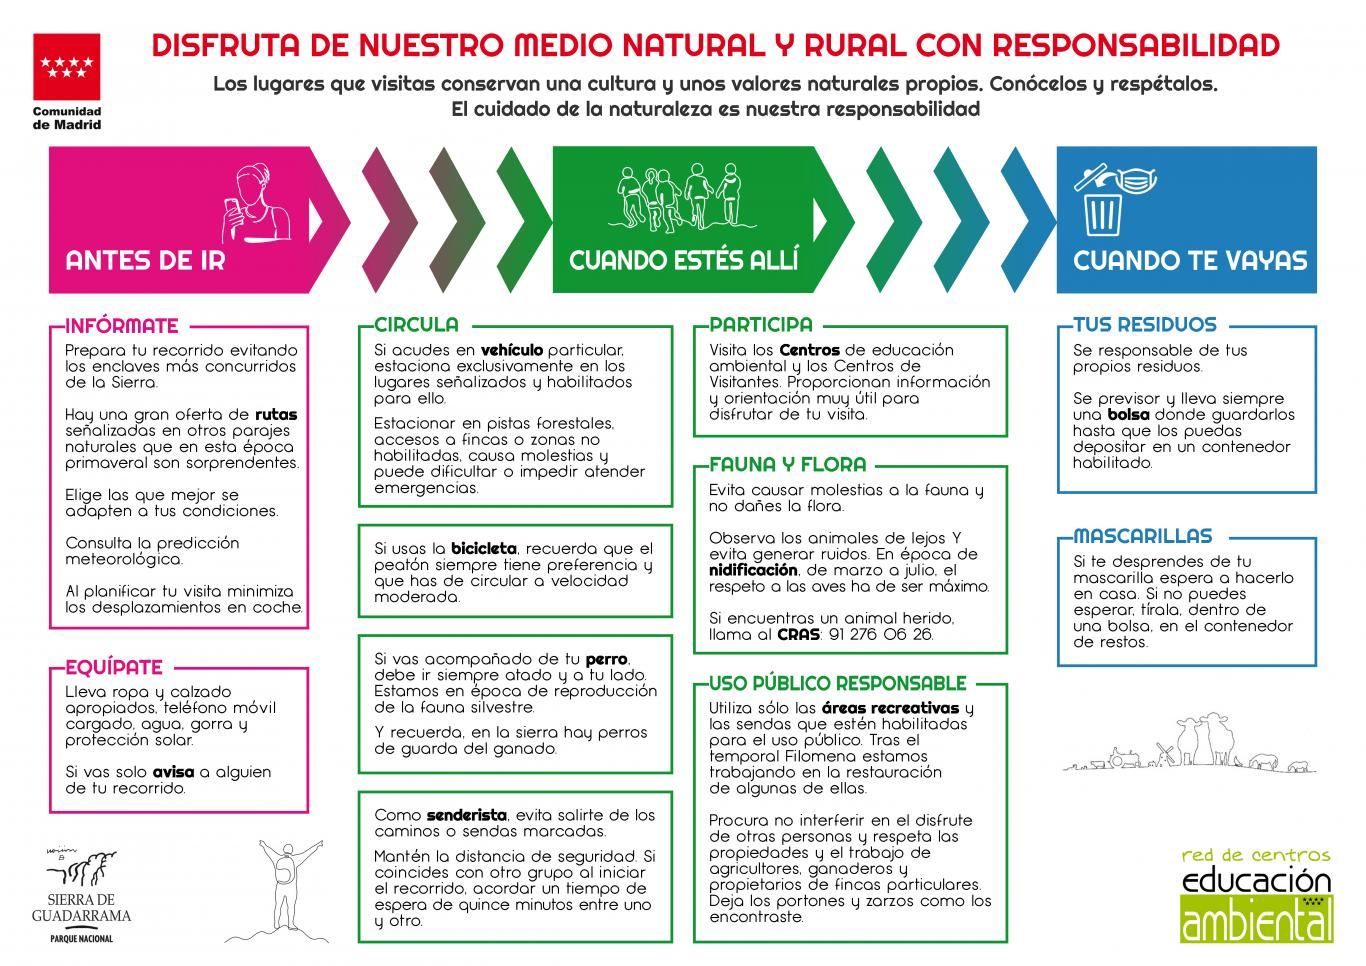 Cuadro con instrucciones en los centros de educación ambiental